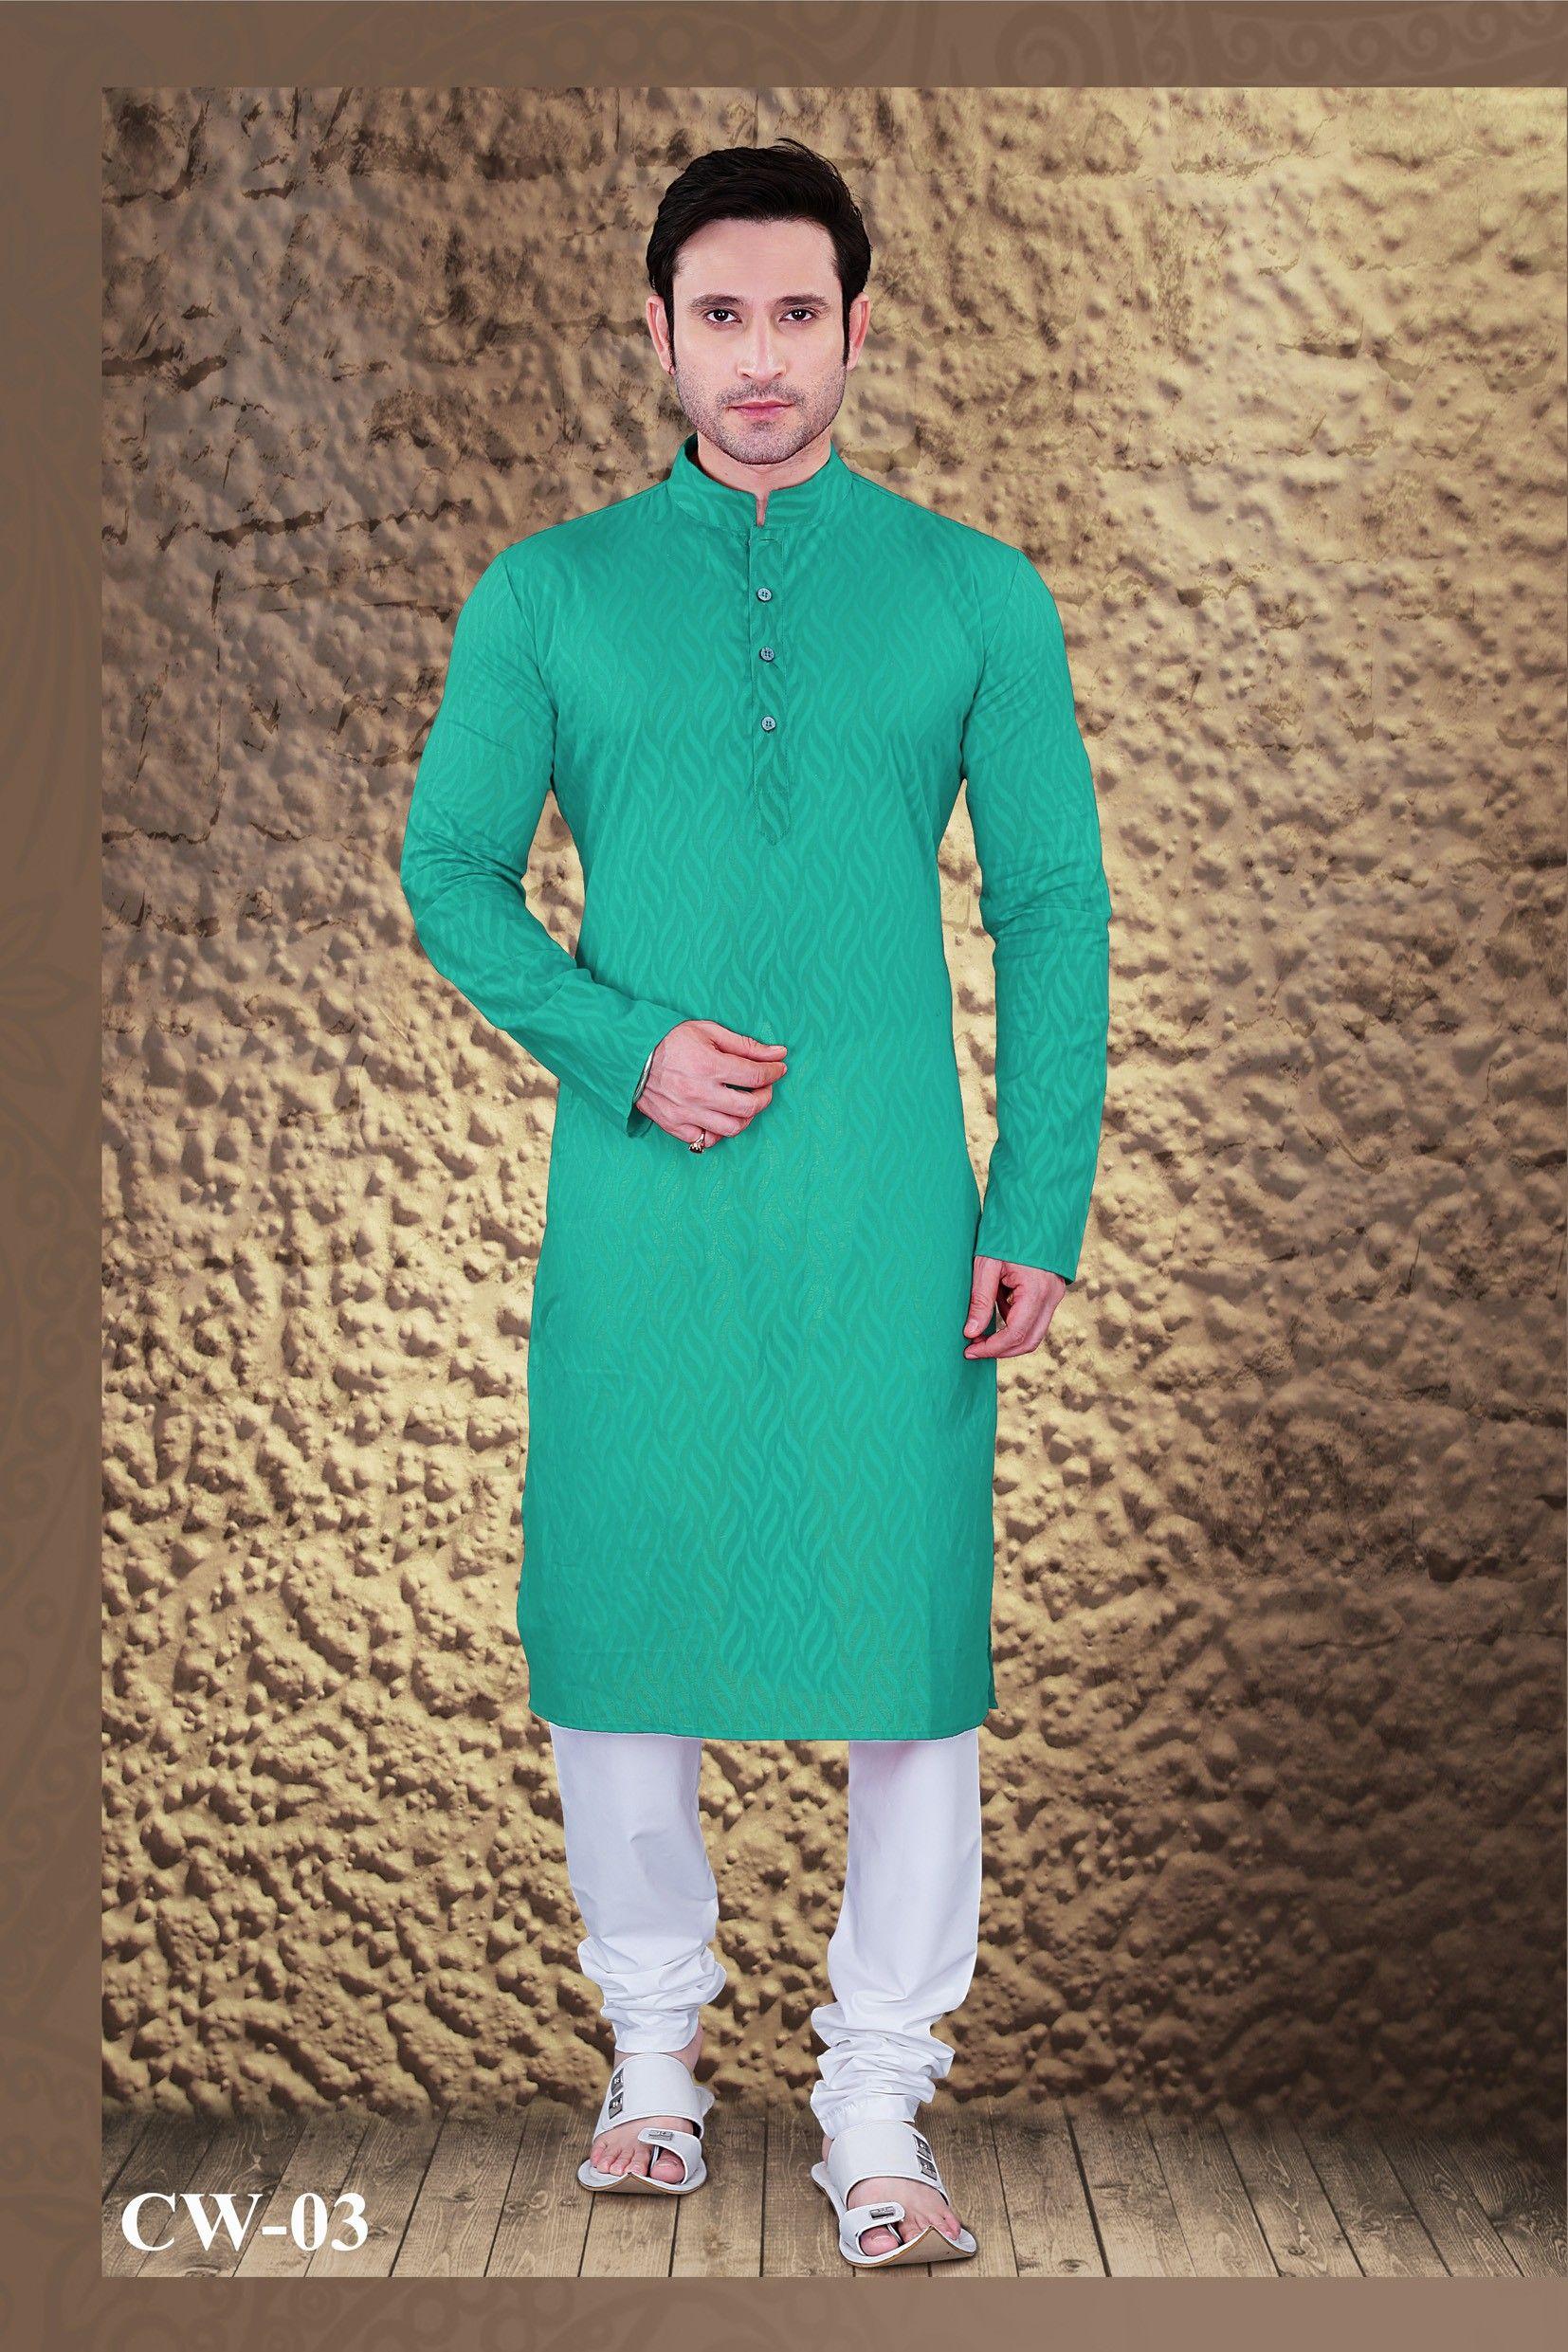 Designer Kurta Pyjama for Men | Churidar, Sherwani and Men\'s fashion